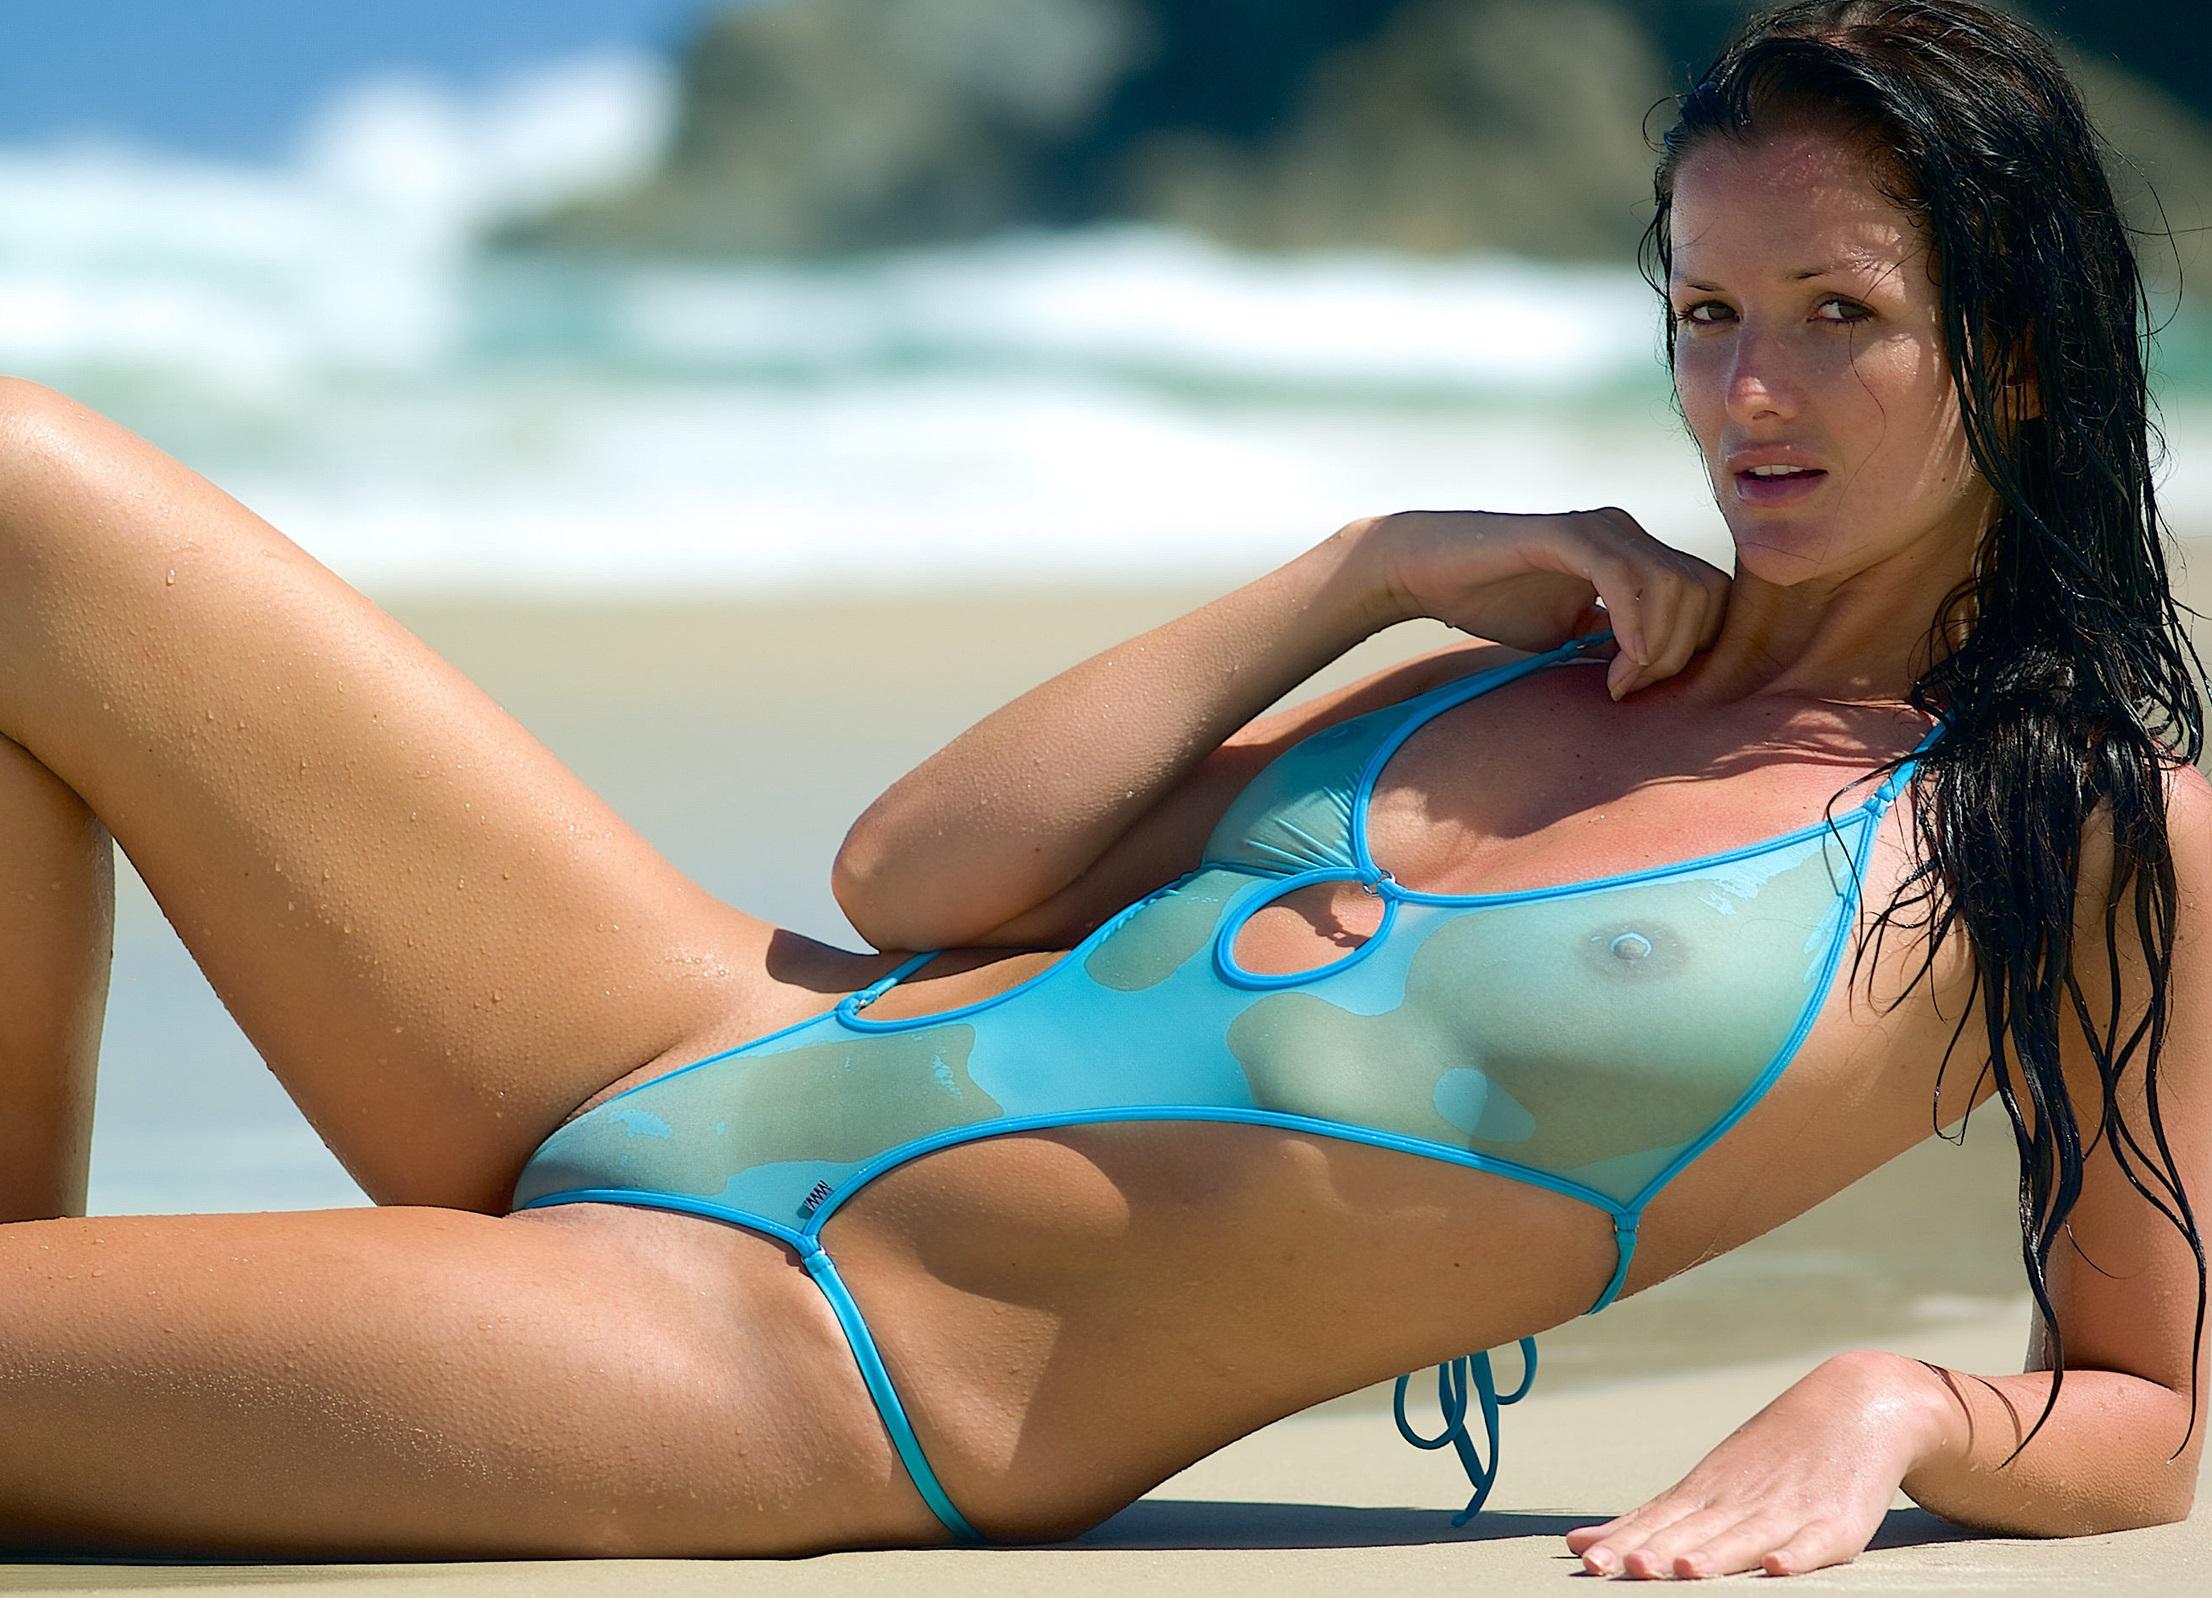 фото моделей в эро купальниках материалы, которые